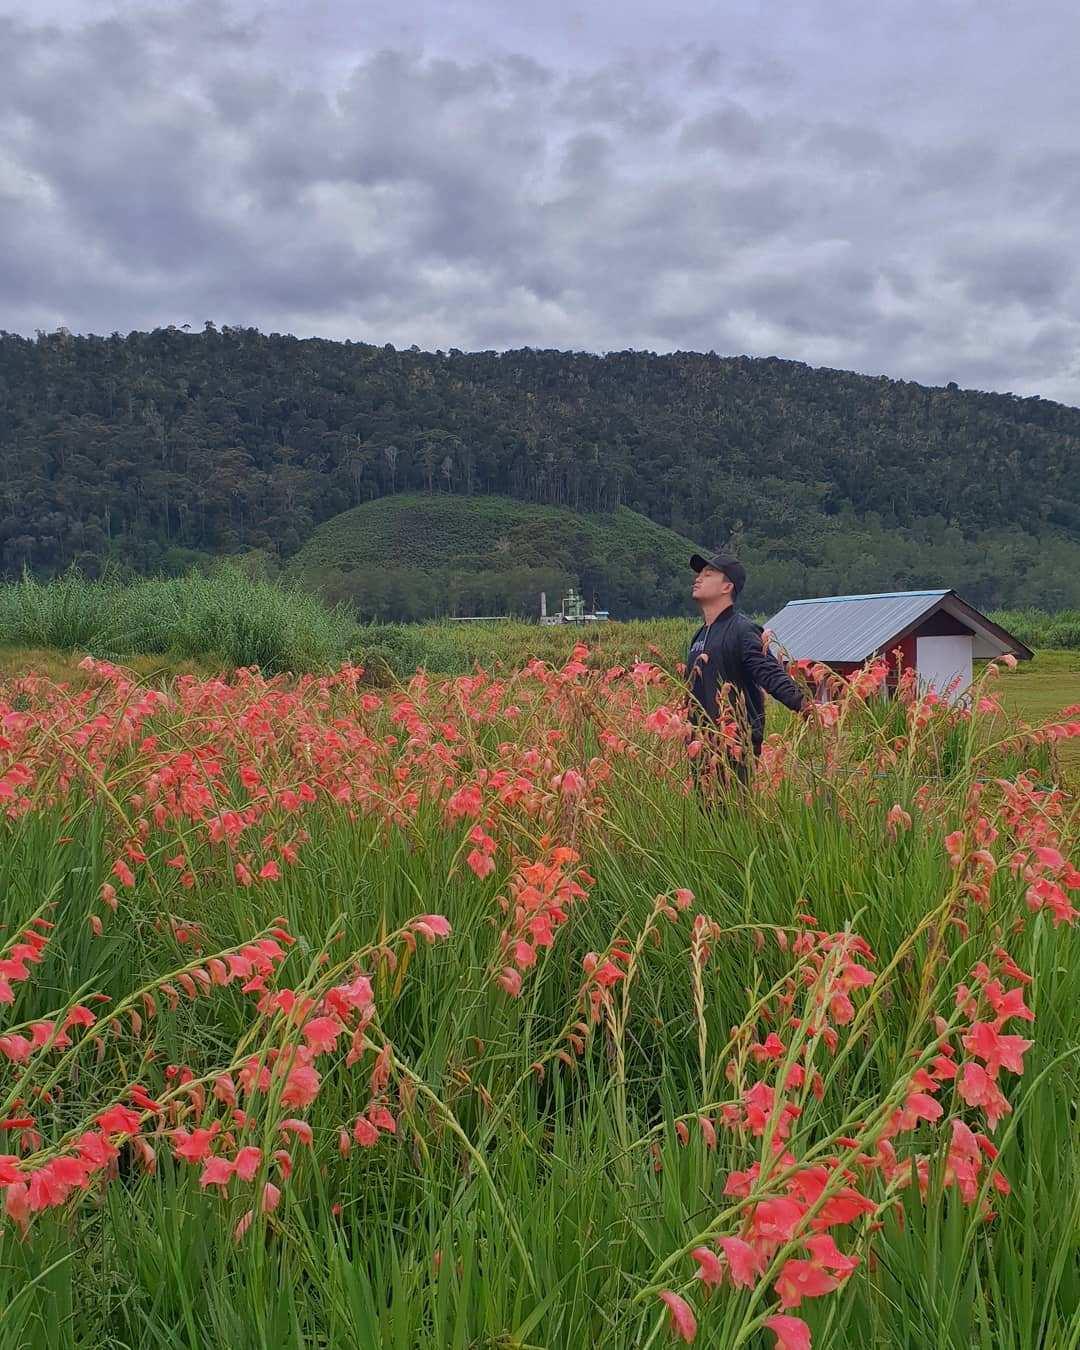 Padang Sabana di Anggi, Pegunungan Arfak. Images From @syam_ocean